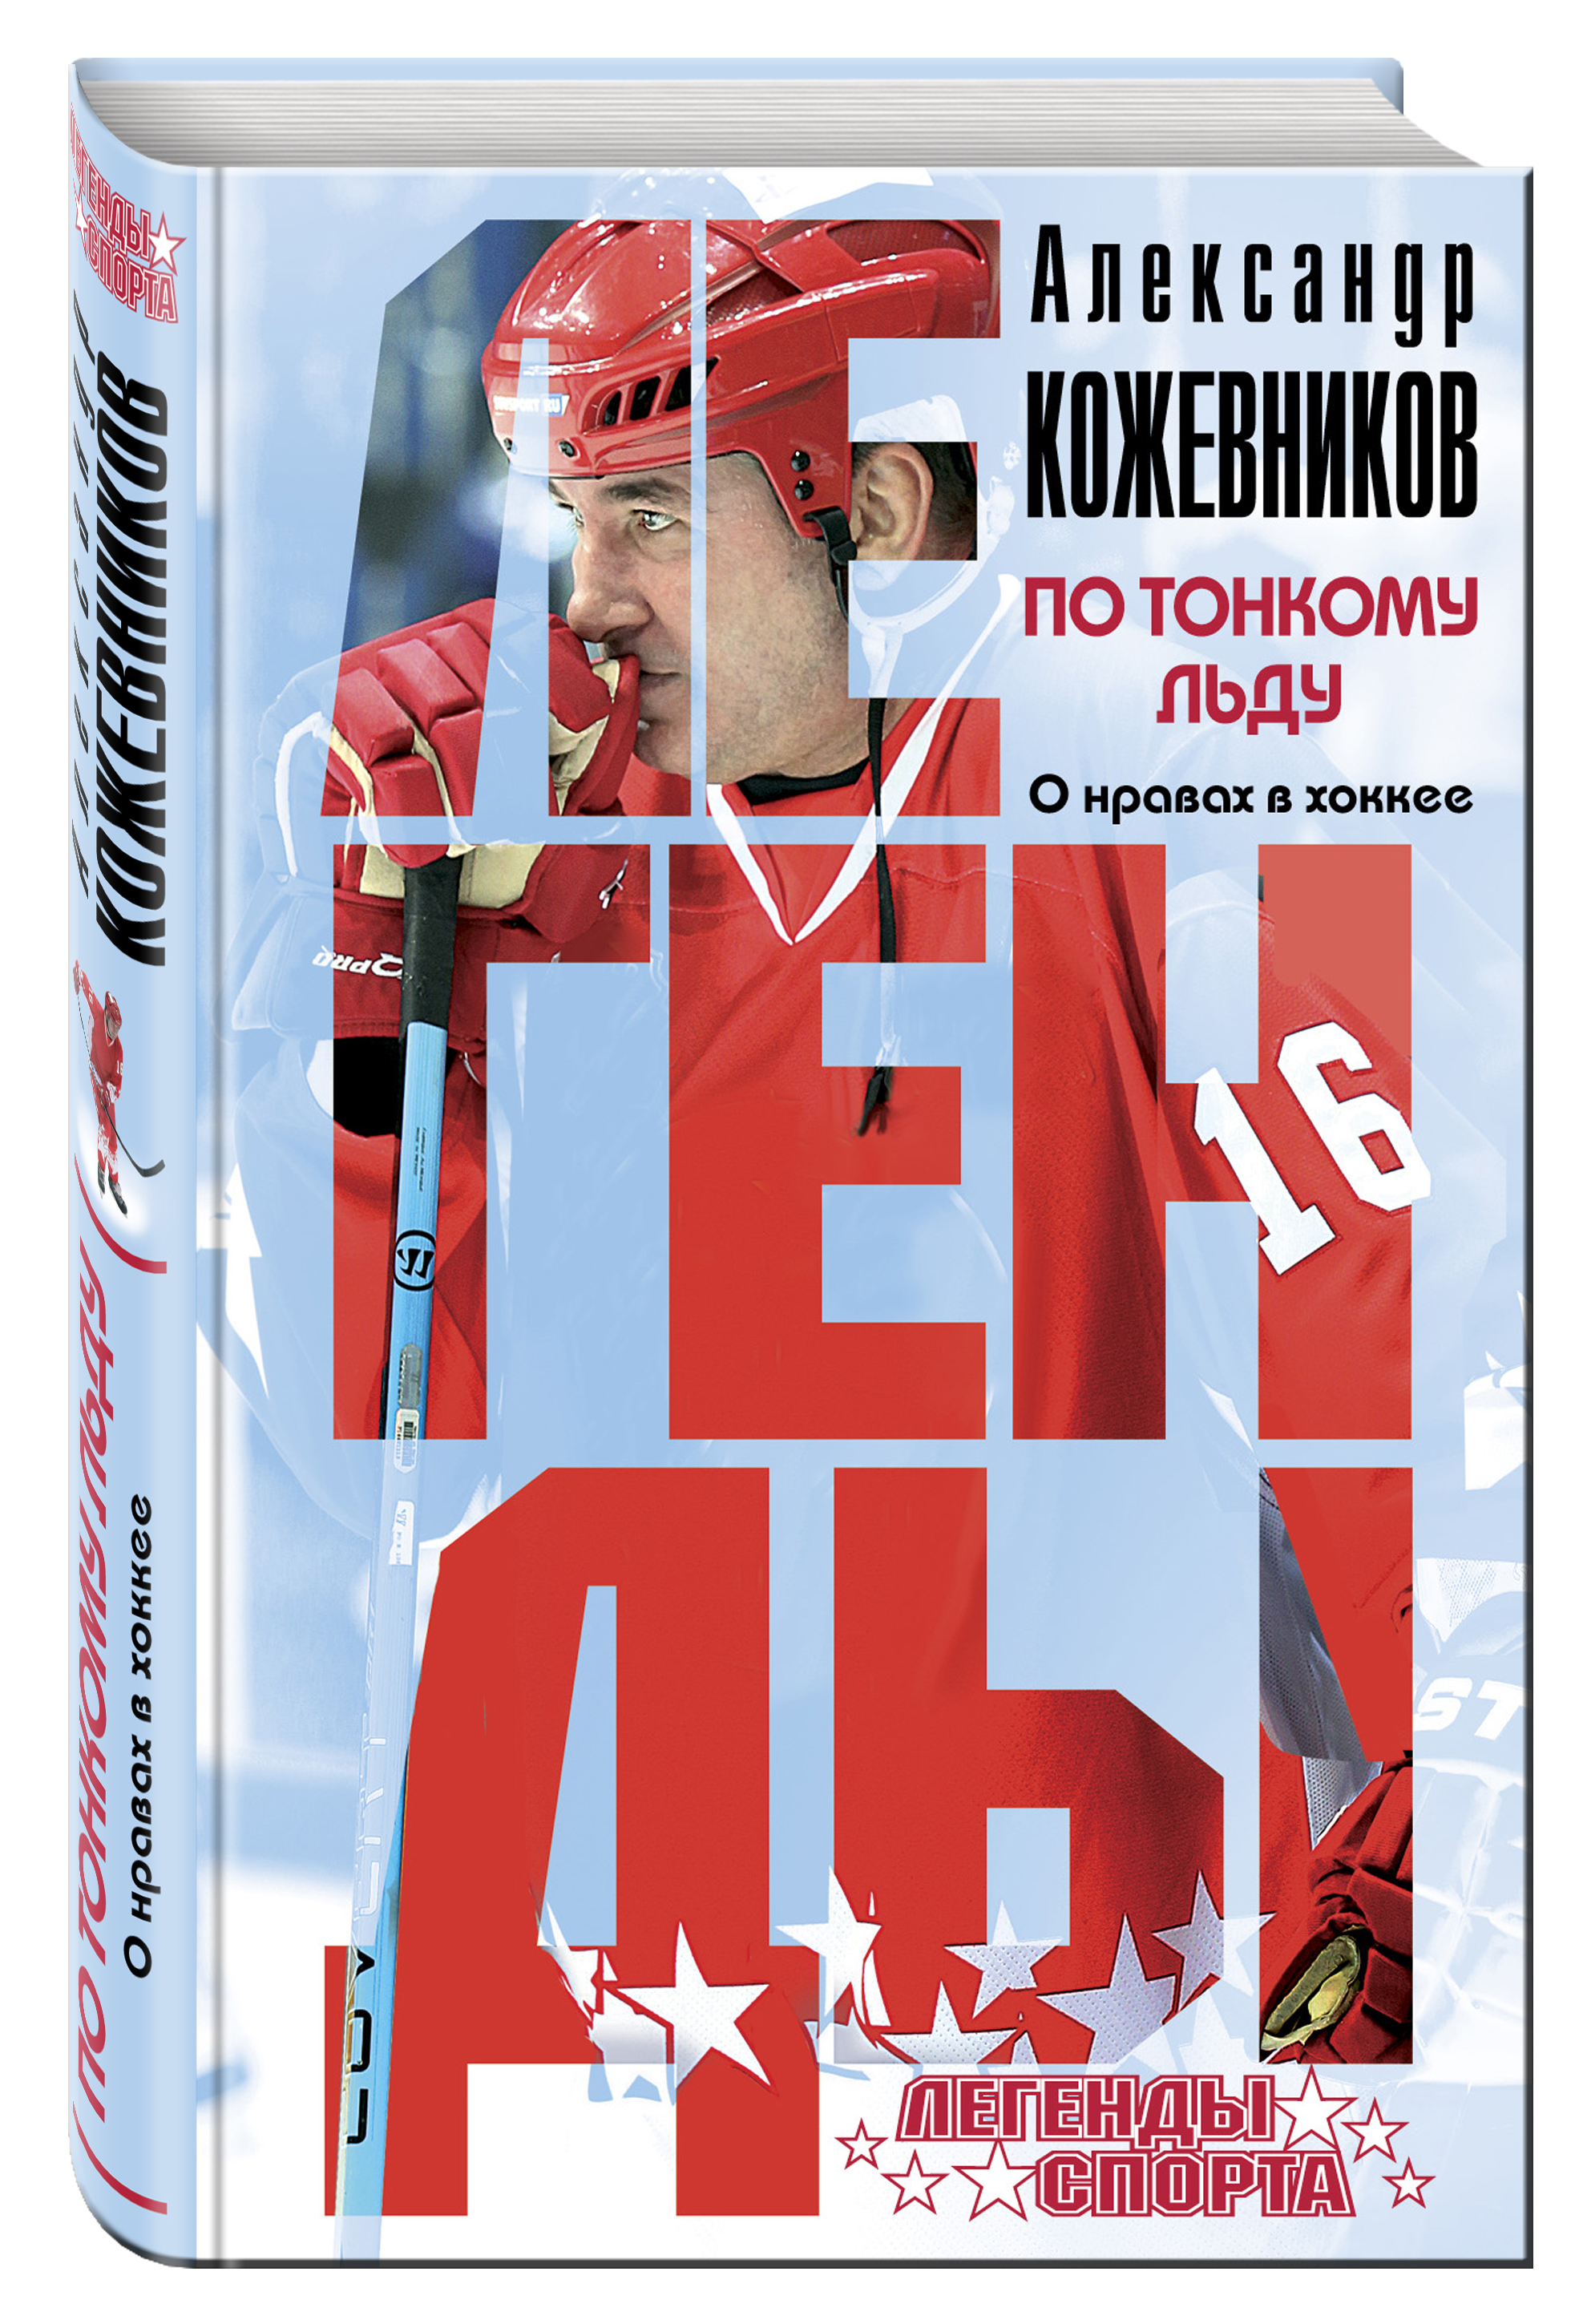 Александр Кожевников По тонкому льду. О нравах в хоккее лев кожевников авось небось и кабы сборник